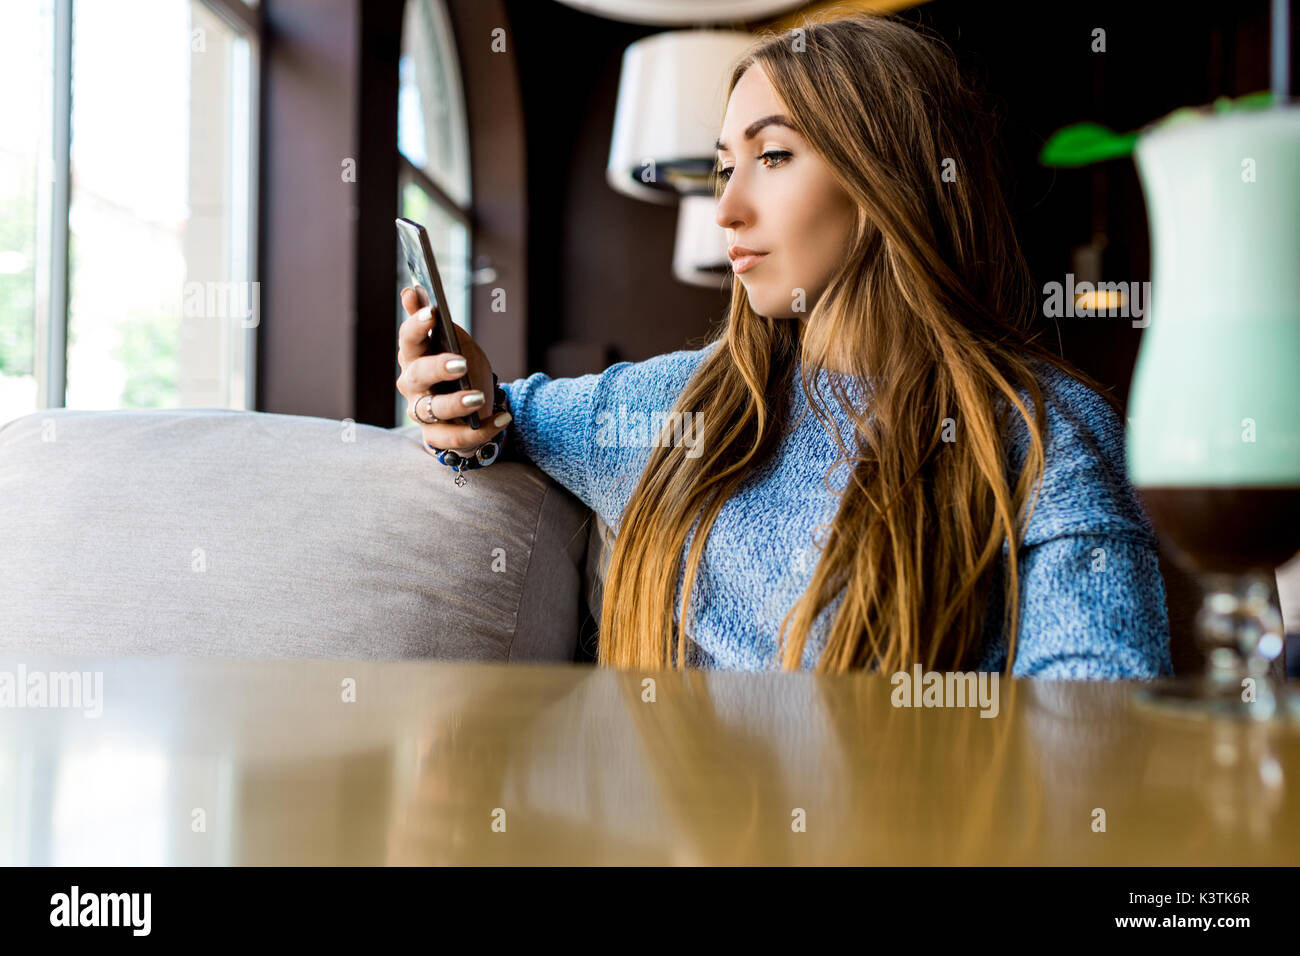 Portret del giovane femmina la lettura di sms sul cellulare in cafe. Tonica. Messa a fuoco selettiva. Foto Stock